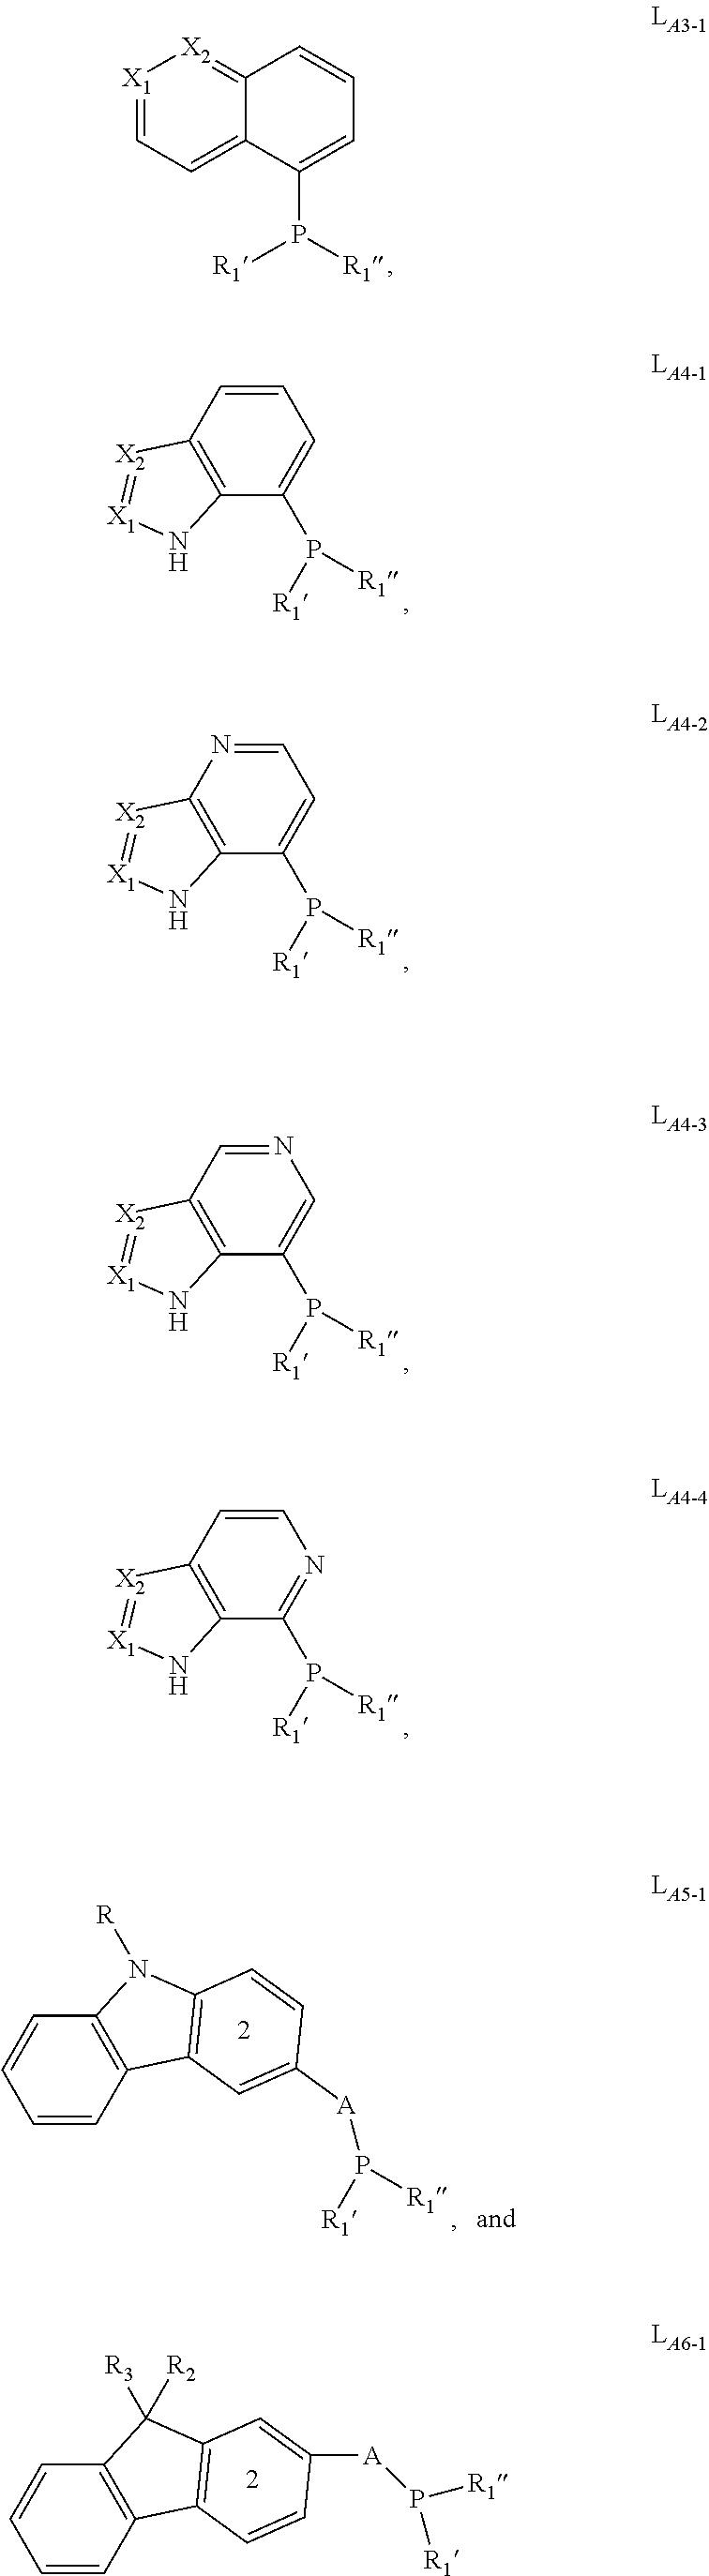 Figure US10121975-20181106-C00006